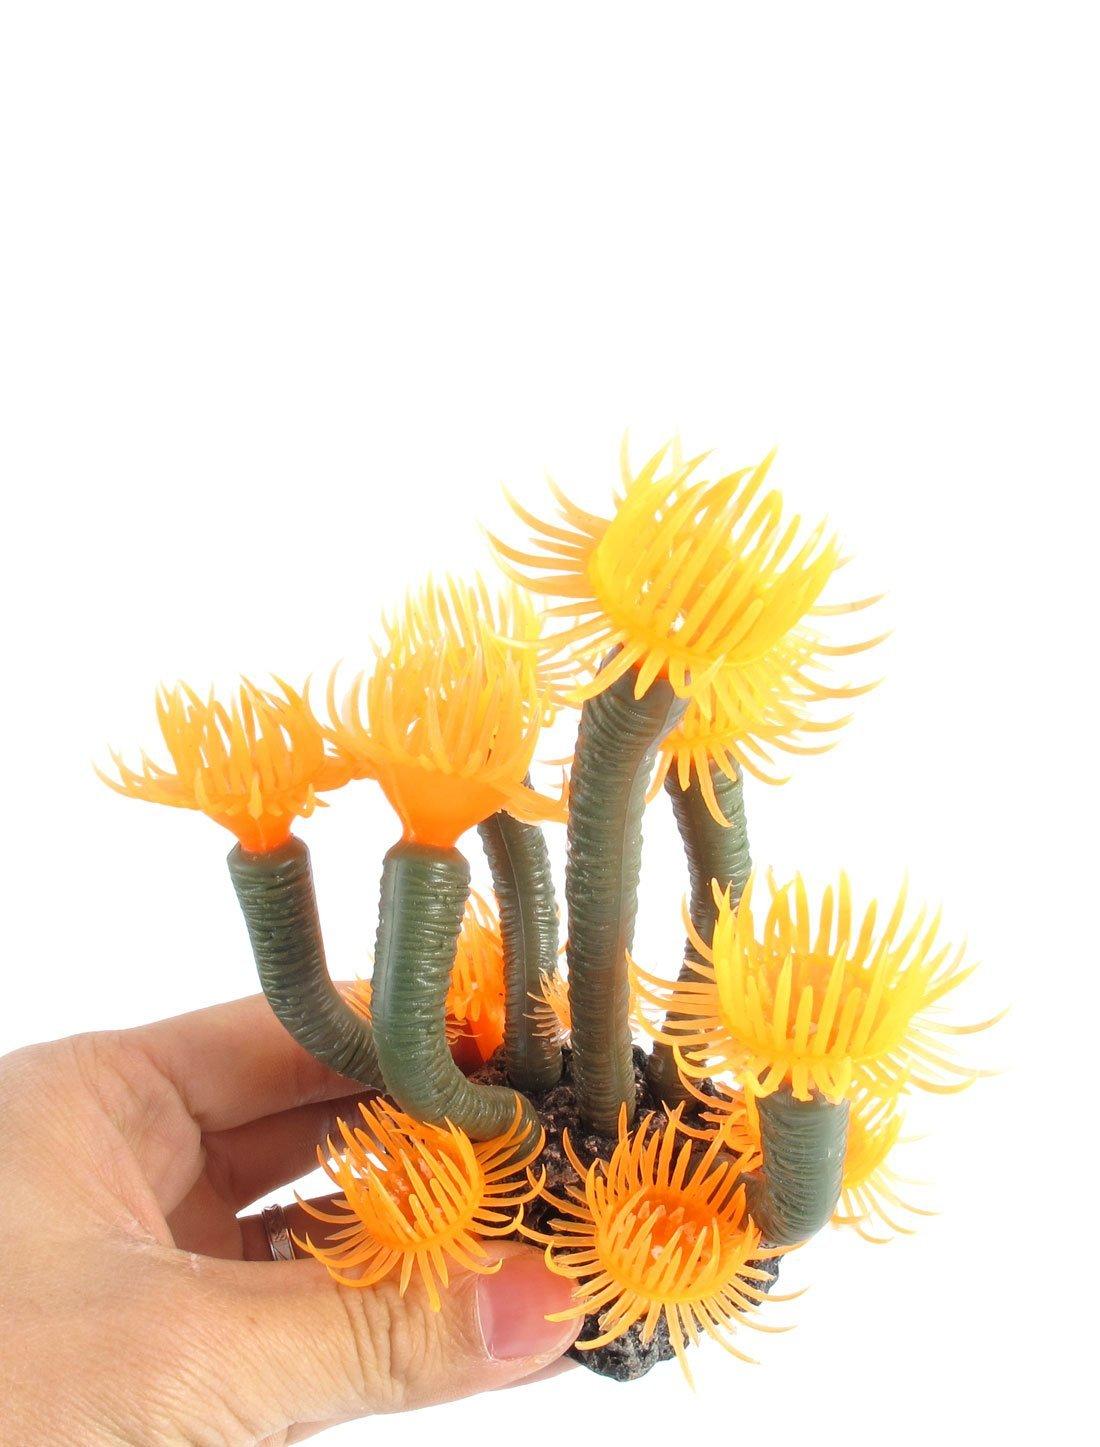 Amazon.com : eDealMax Emulación de plástico acuario acuático Coral Planta Decoración 4, 7 pulgadas de Orange : Pet Supplies